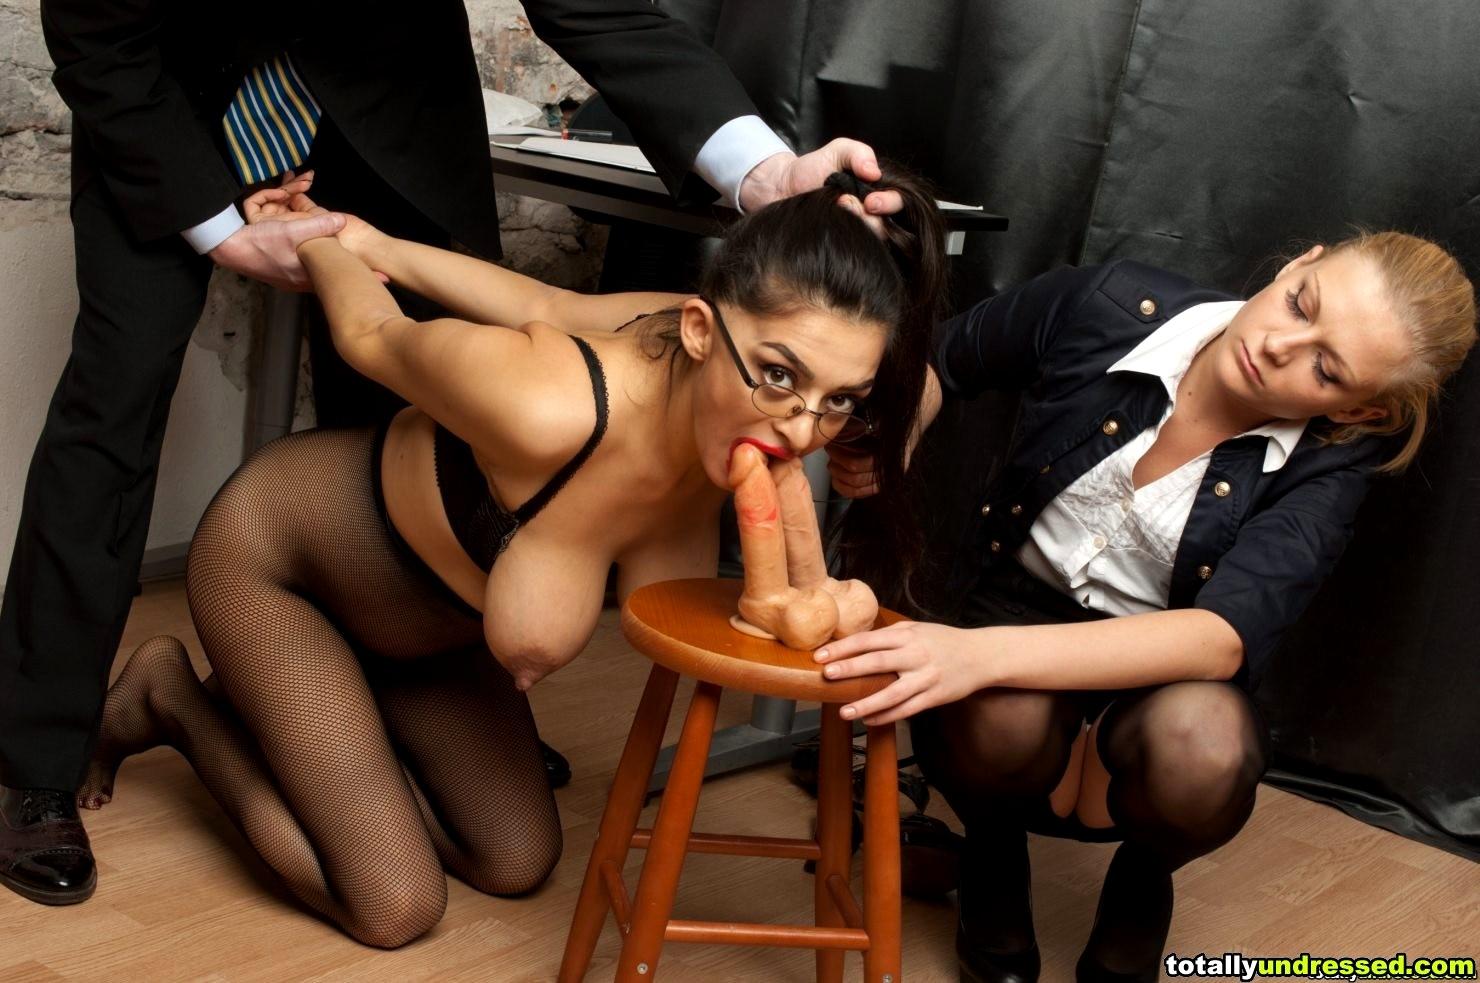 прием на работу секретарши гермафродиты имеют член